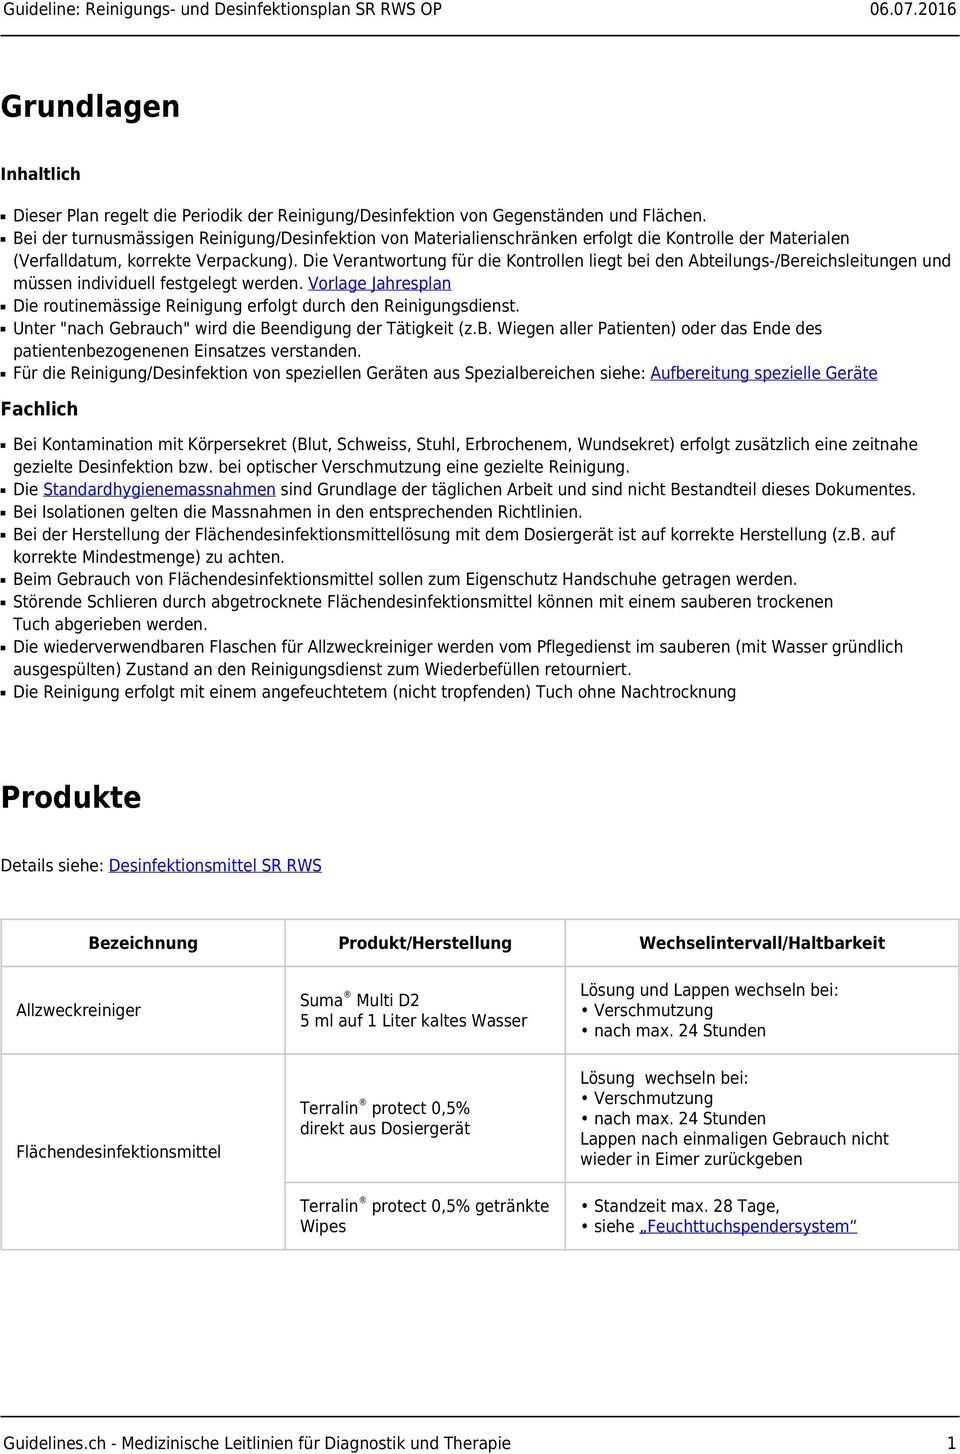 Reinigungs Und Desinfektionsplan Sr Rws Op Pdf Free Download